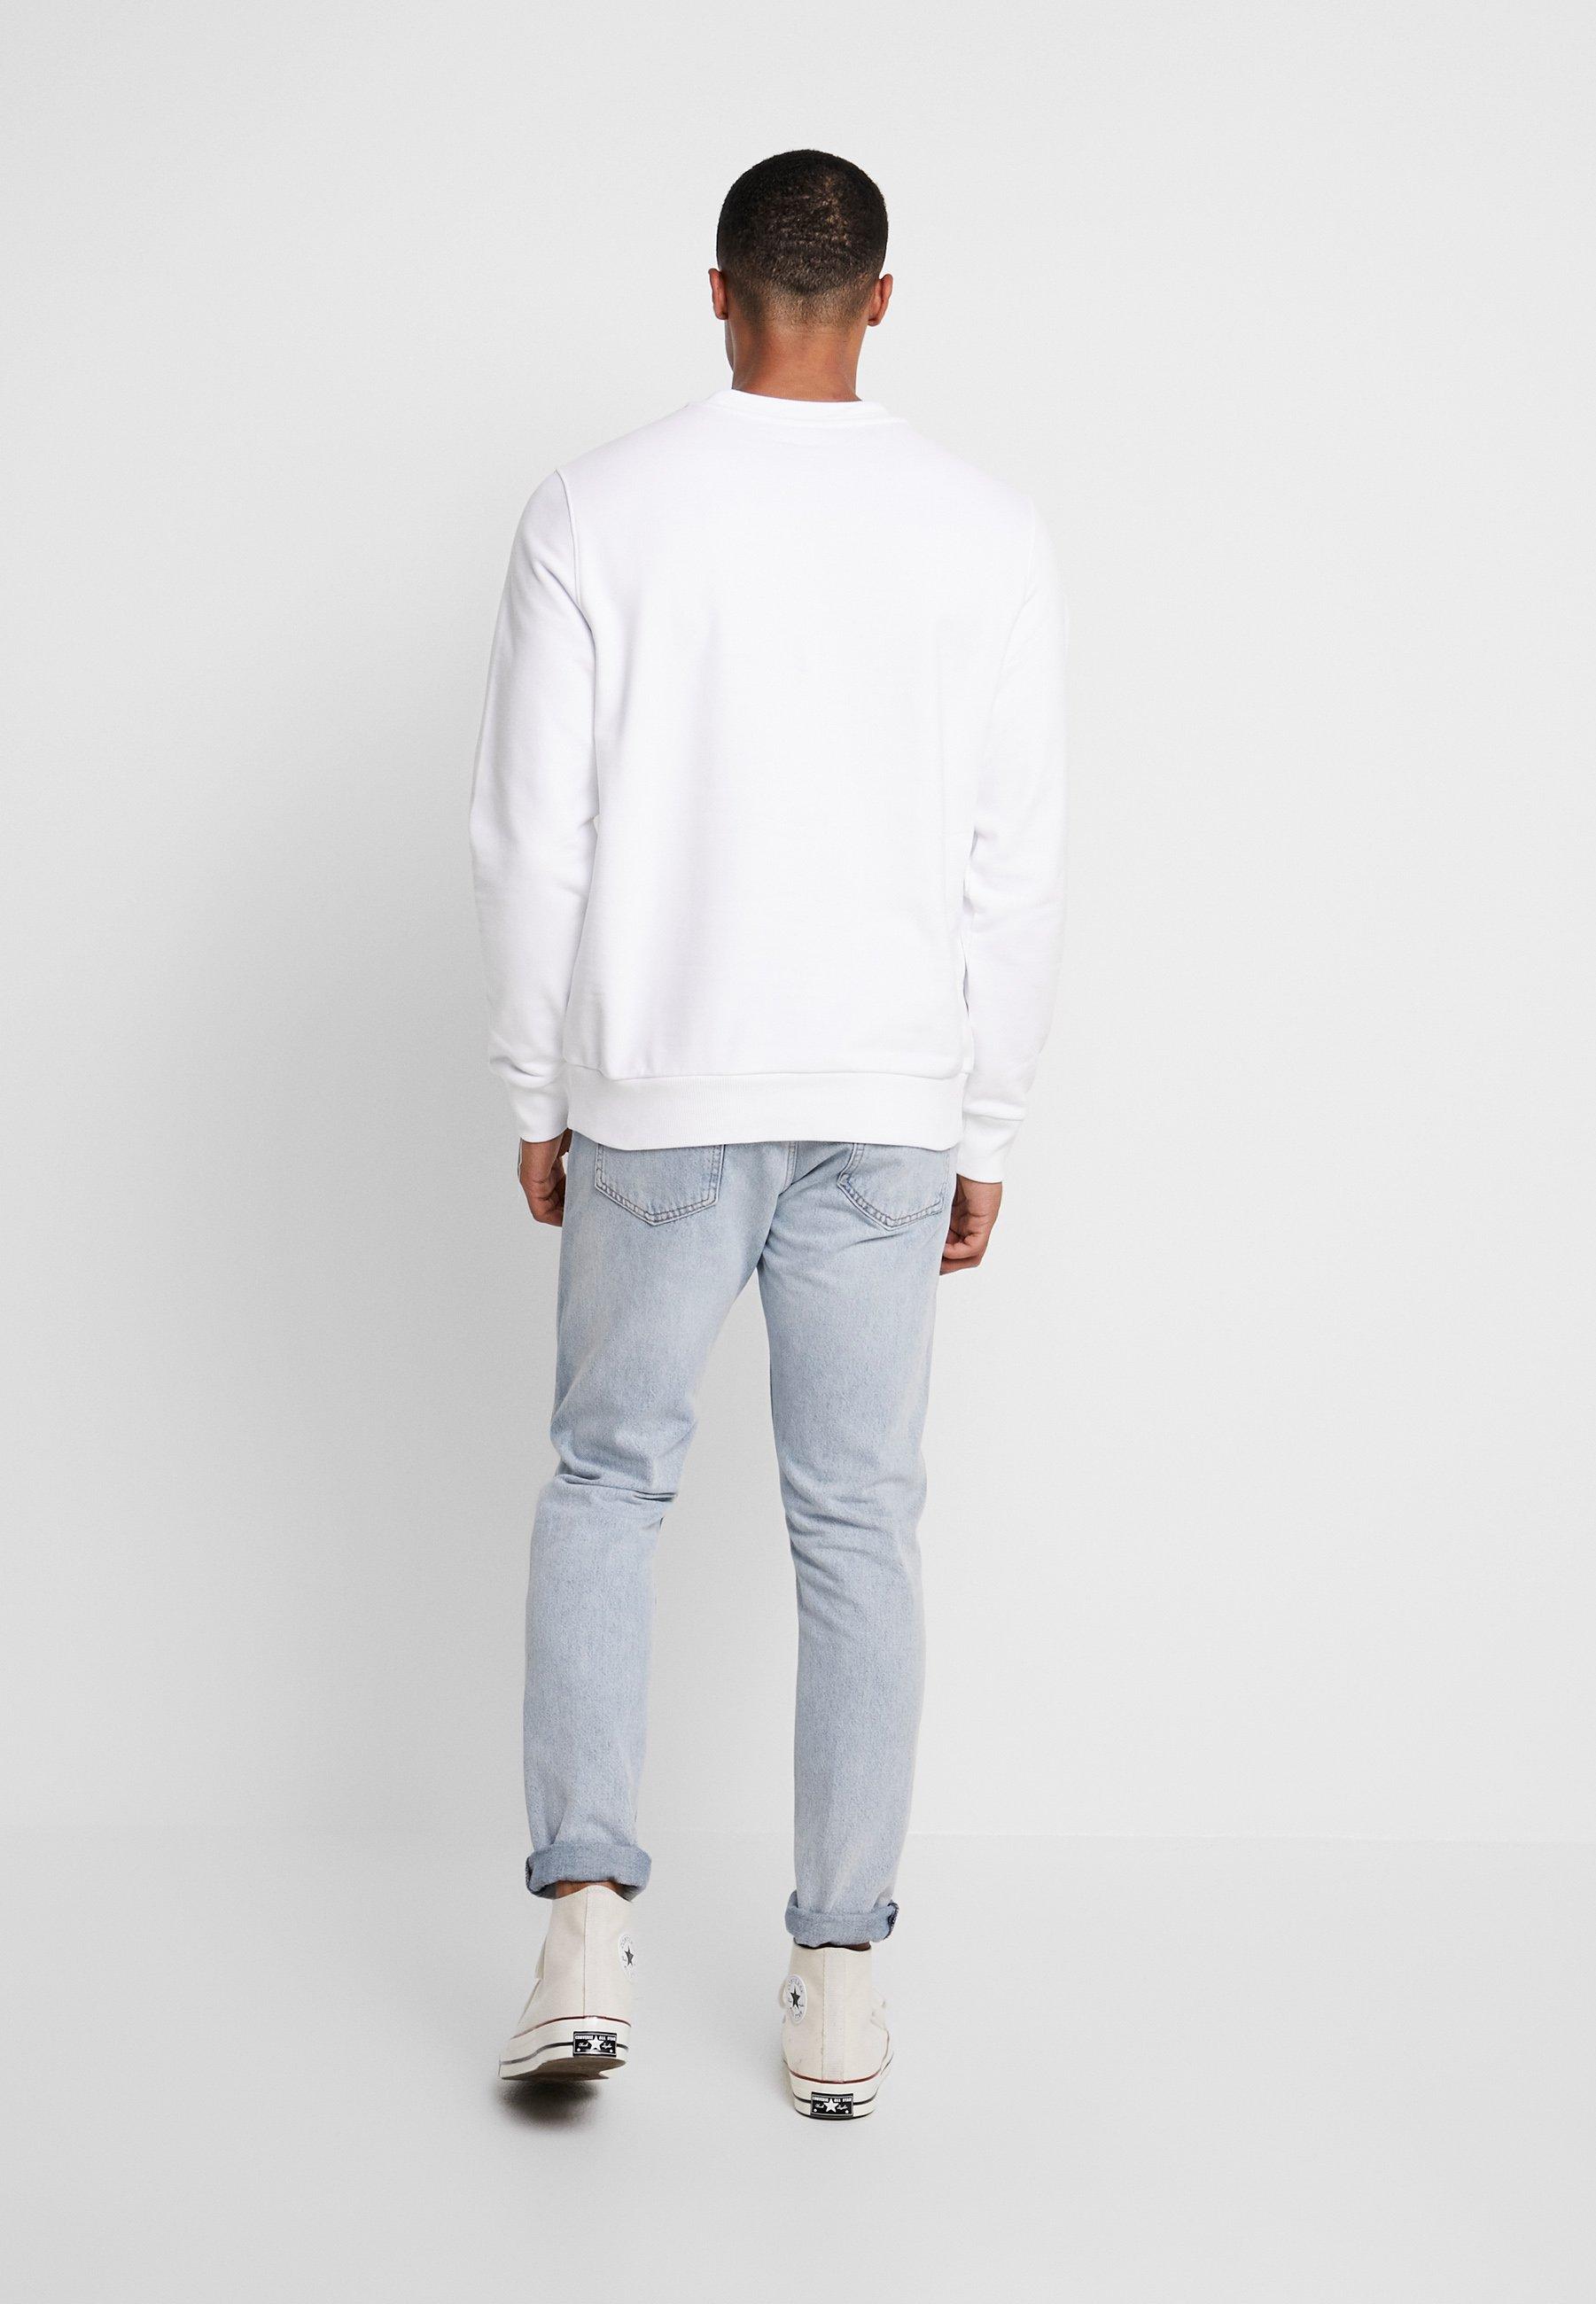 Osta Halvalla Miesten vaatteet Sarja dfKJIUp97454sfGHYHD Calvin Klein LOGO EMBROIDERY Collegepaita white